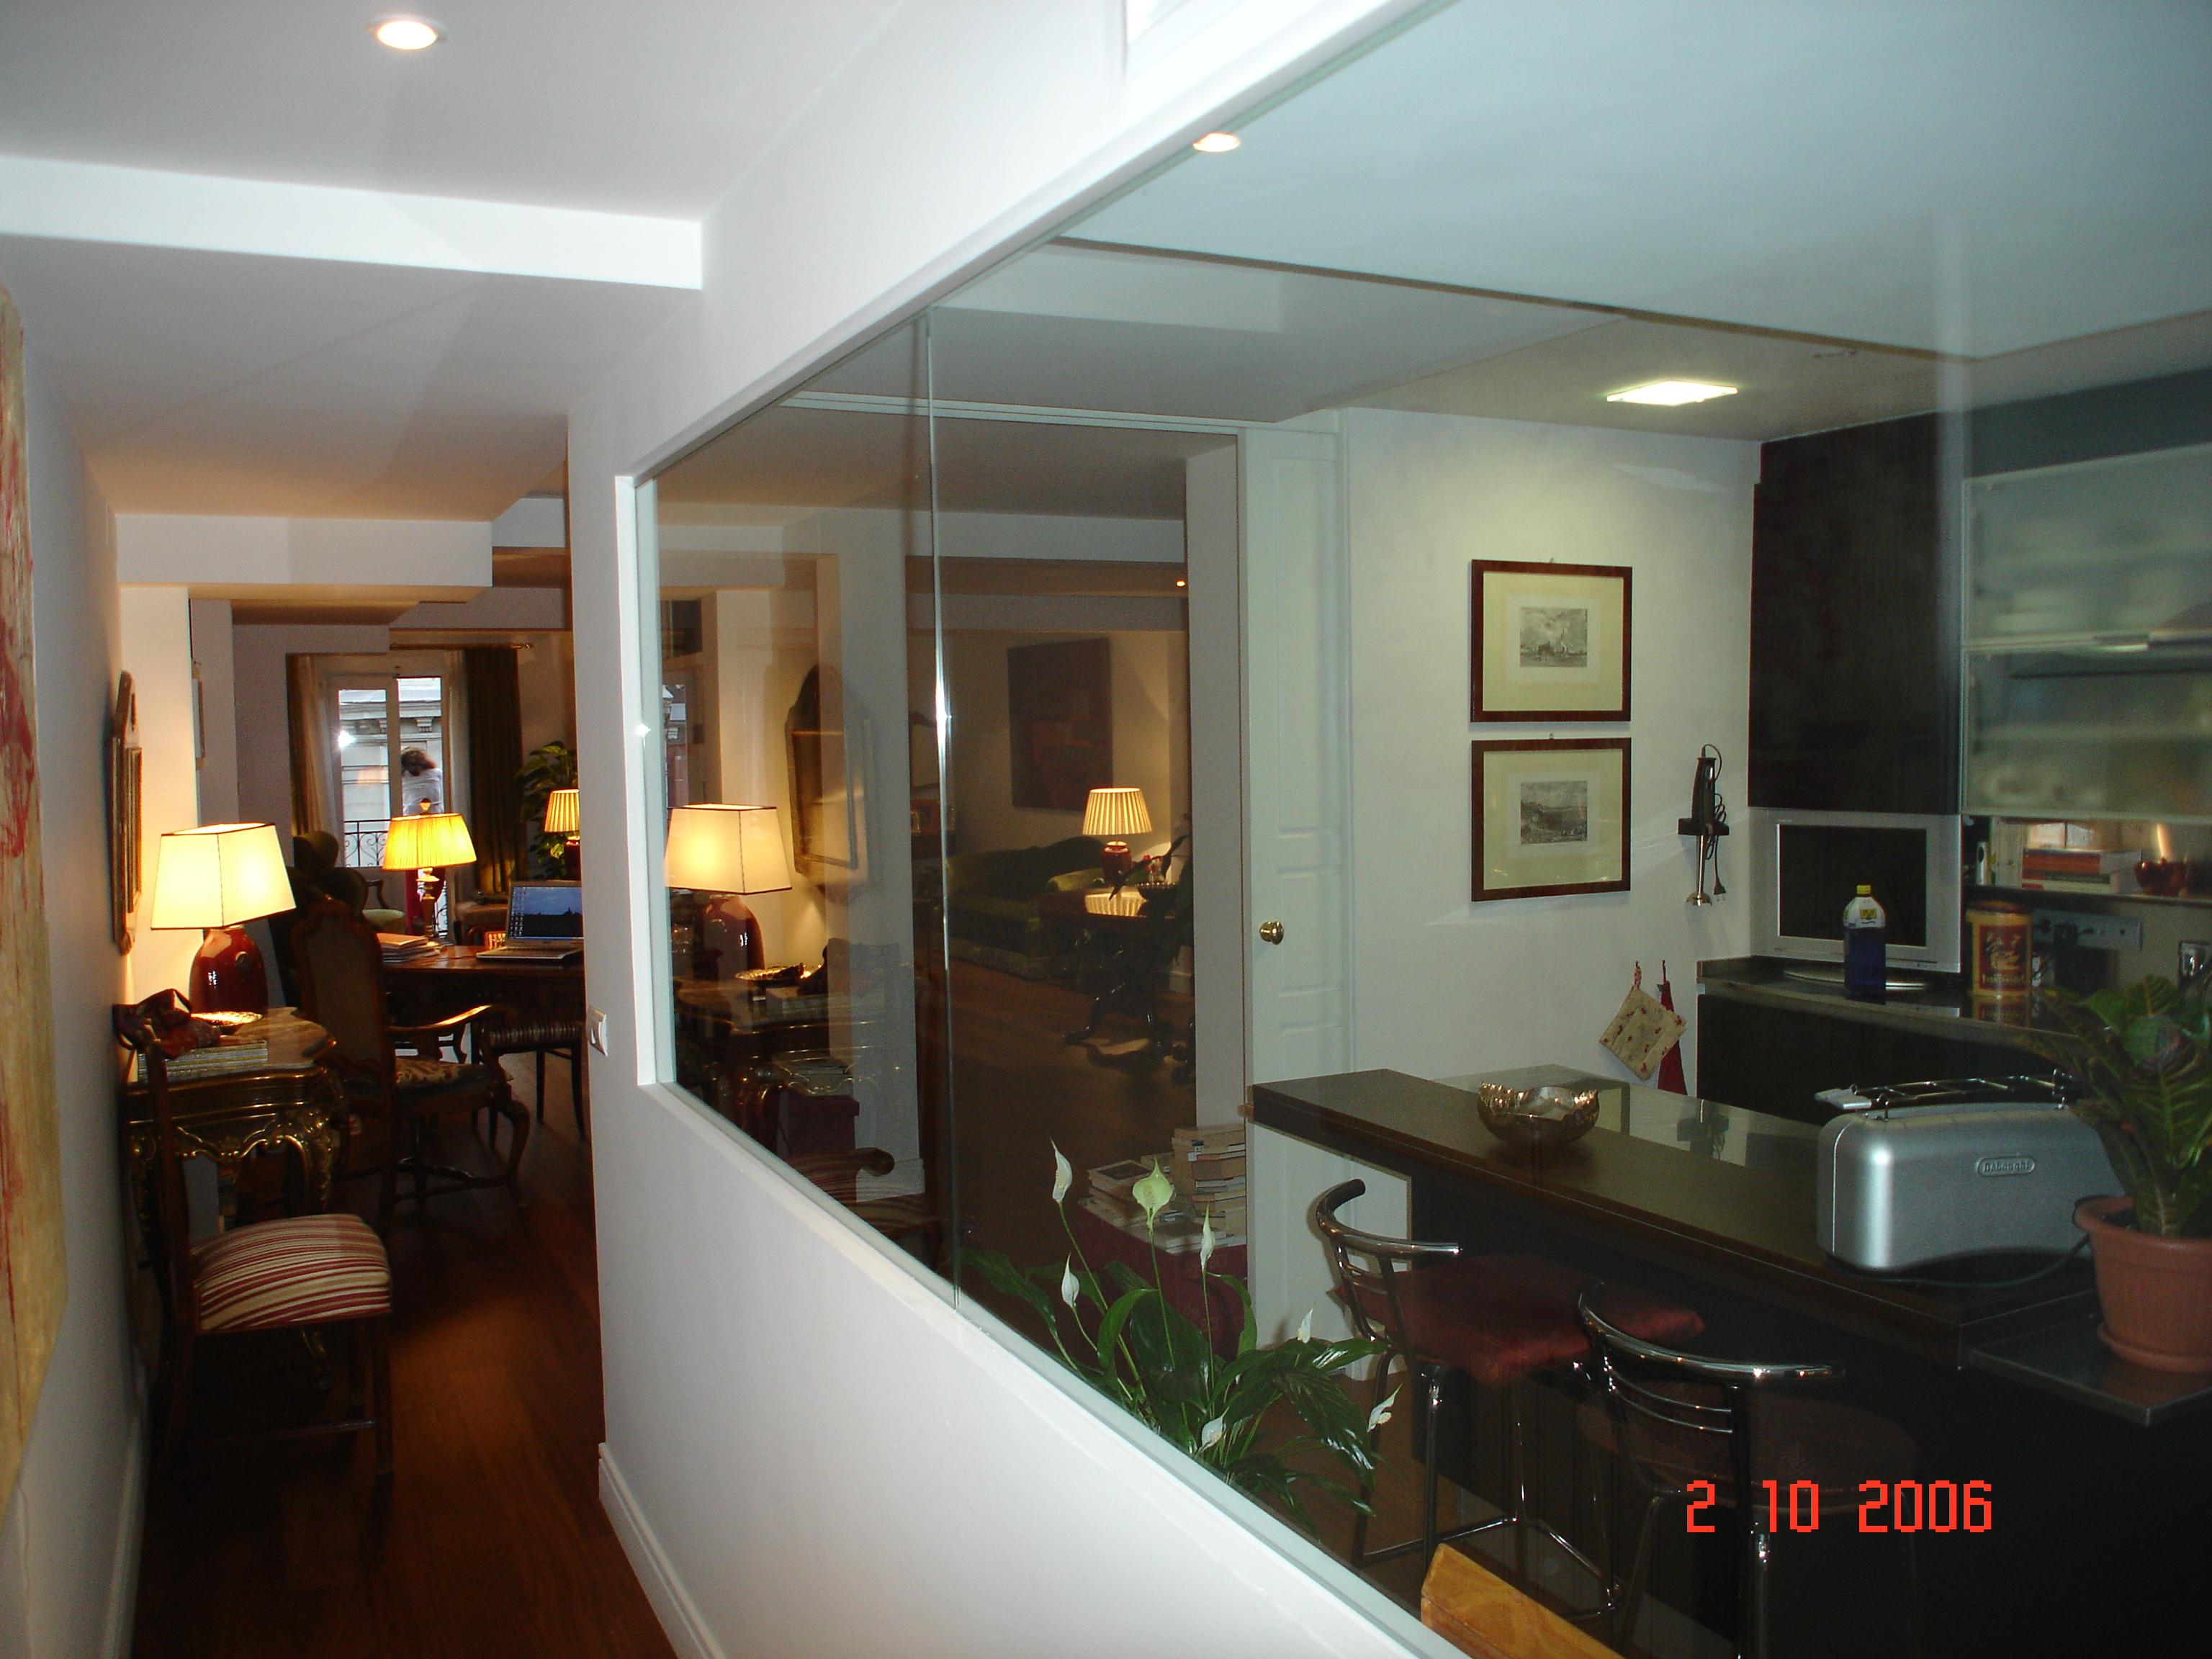 Cocinas abiertas o cerradas el blog de alicia mesa for Cocinas abiertas al pasillo